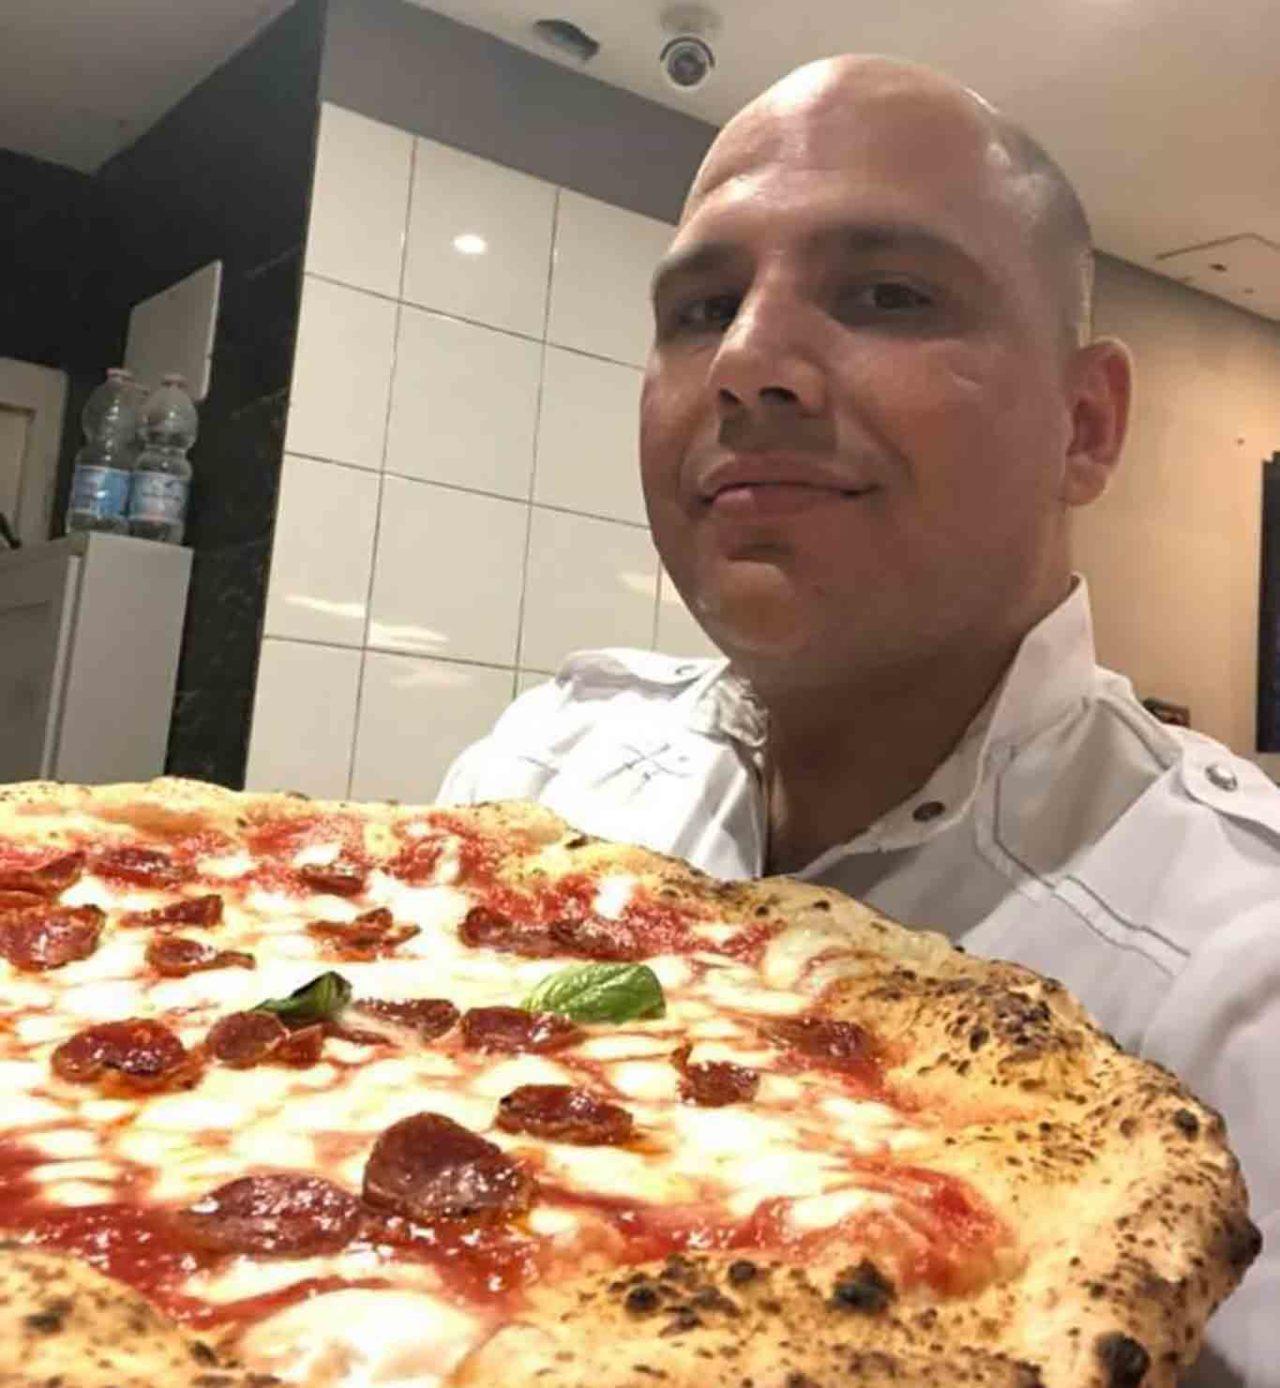 Gennaro Rapido e la pizza a rot' 'e carrett'